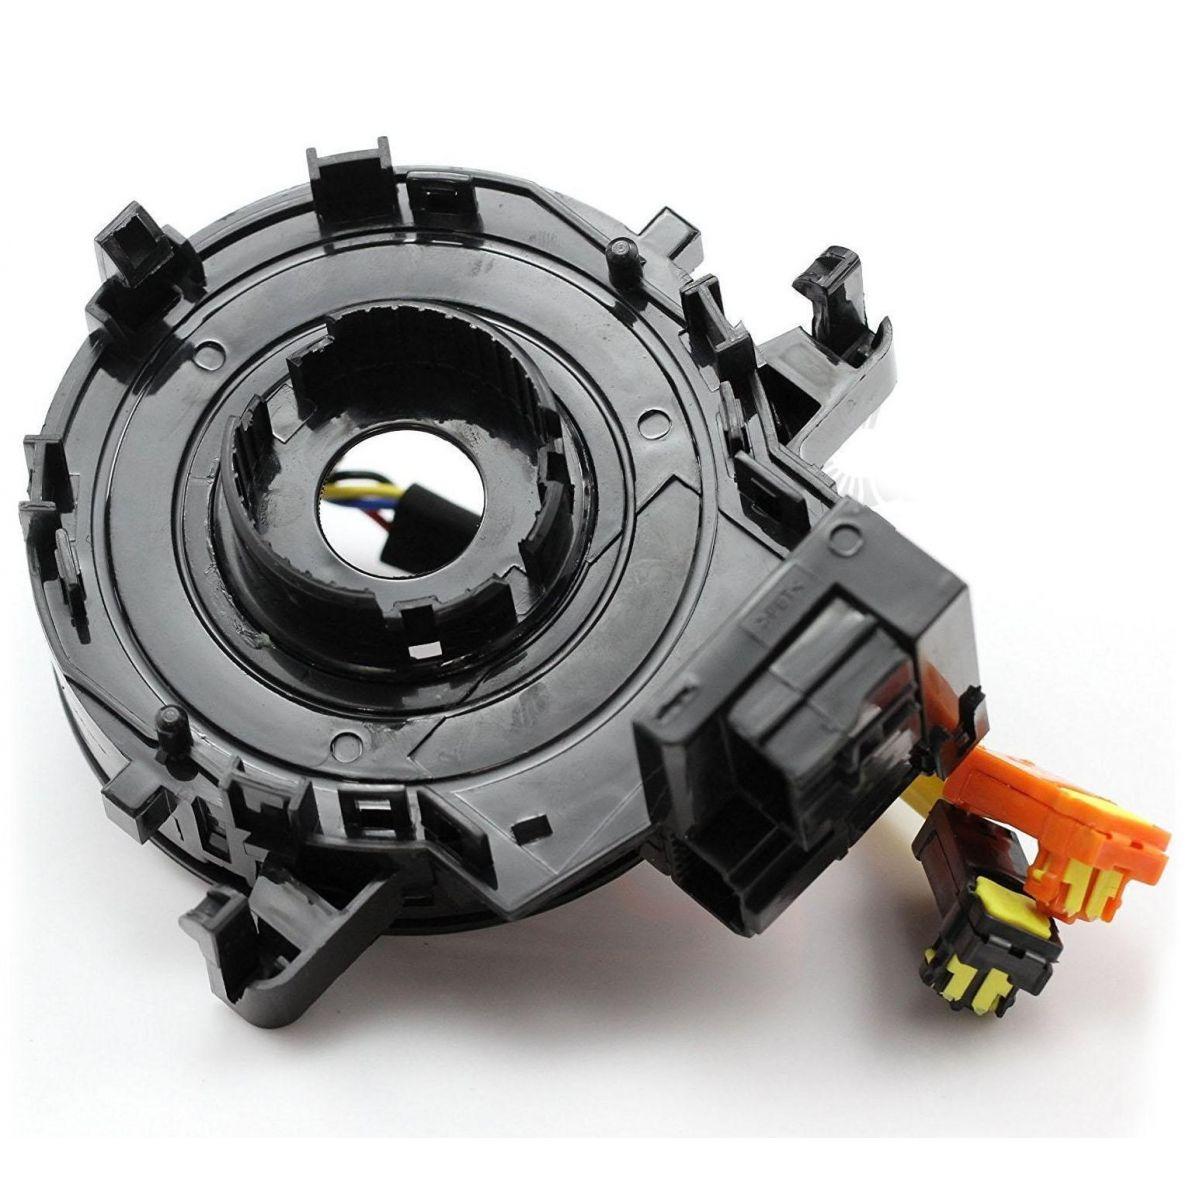 Cinta Airbag Hard Disc Toyota RAV4 2.4 16V Com Controle de Som de 2005 ate 2012